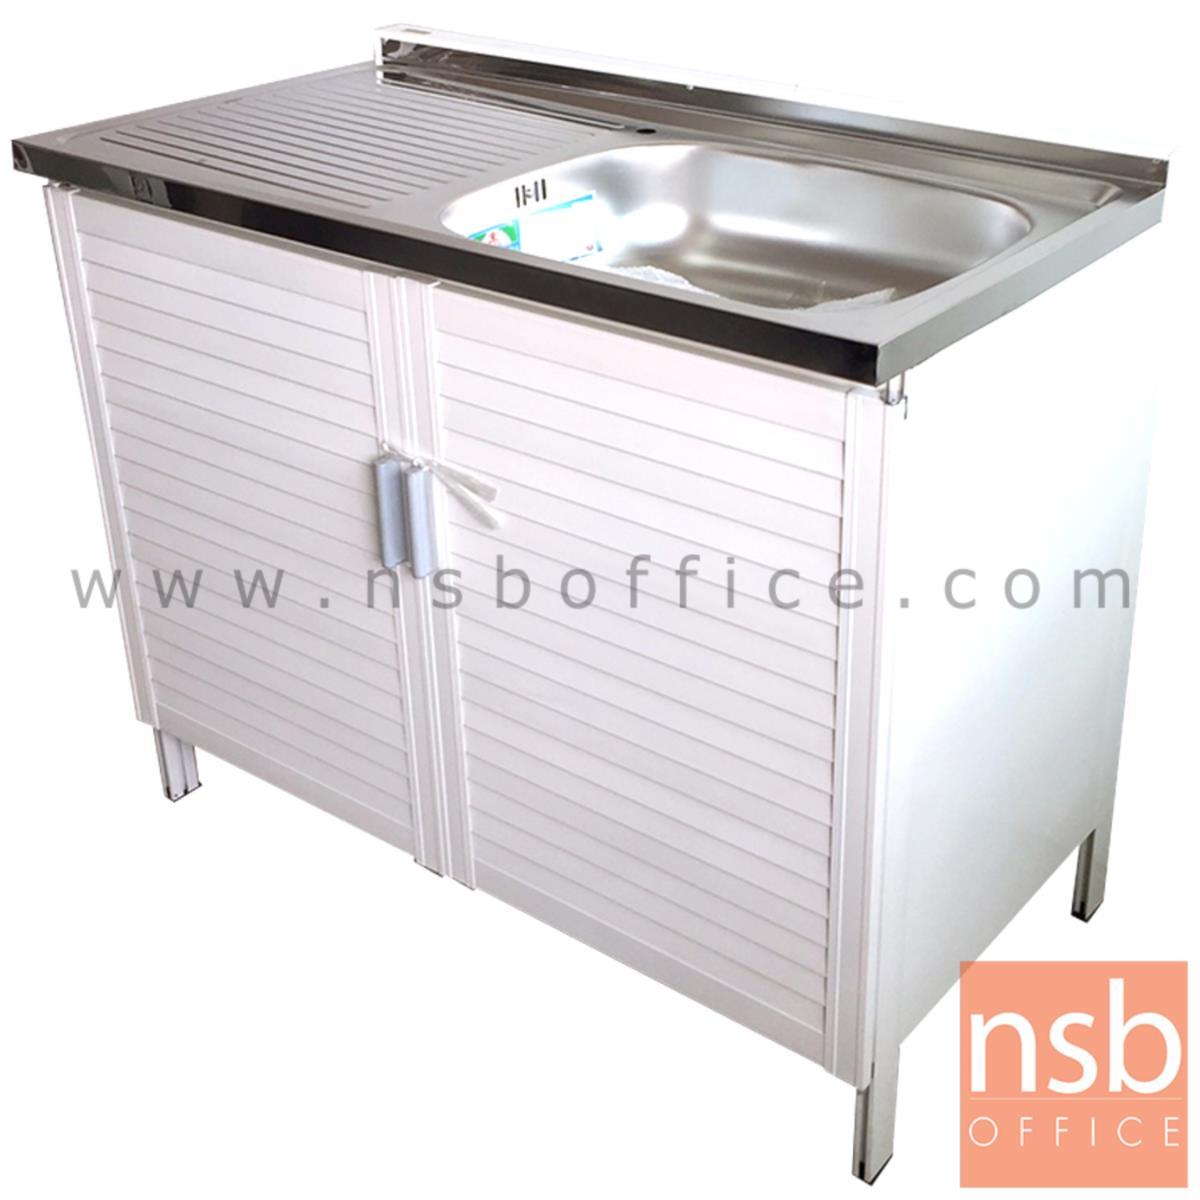 K07A005:ตู้ครัวพร้อมซิงค์ล้างจาน  ขนาด 100W*82H cm. สีขาว